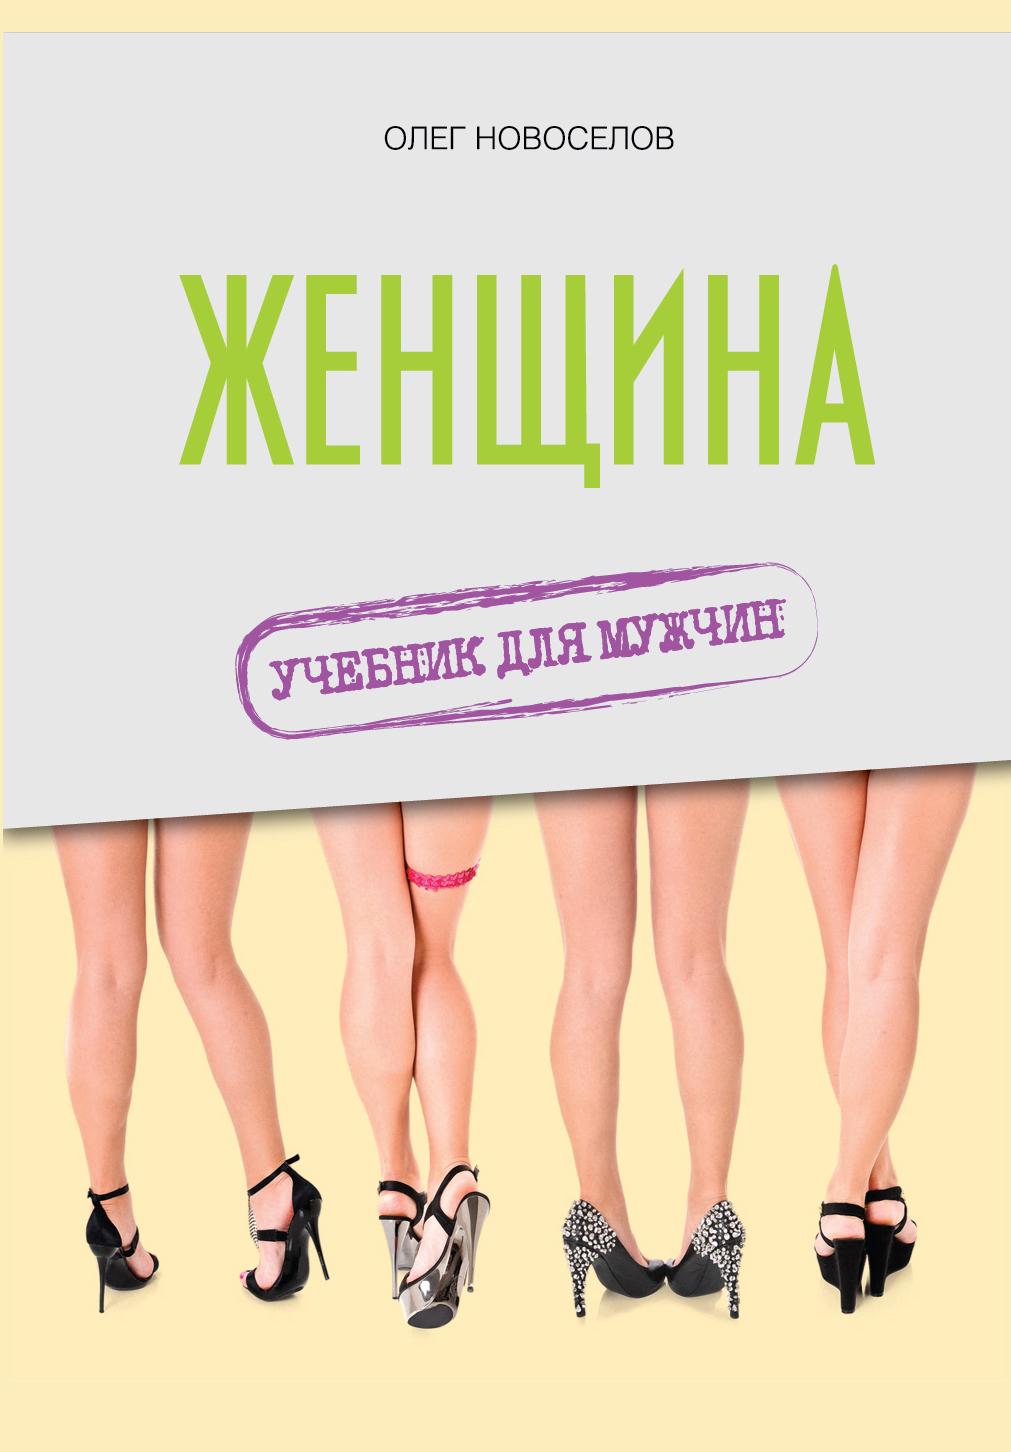 Олег новоселов «женщина. Учебник для мужчин» » успешные отношения.